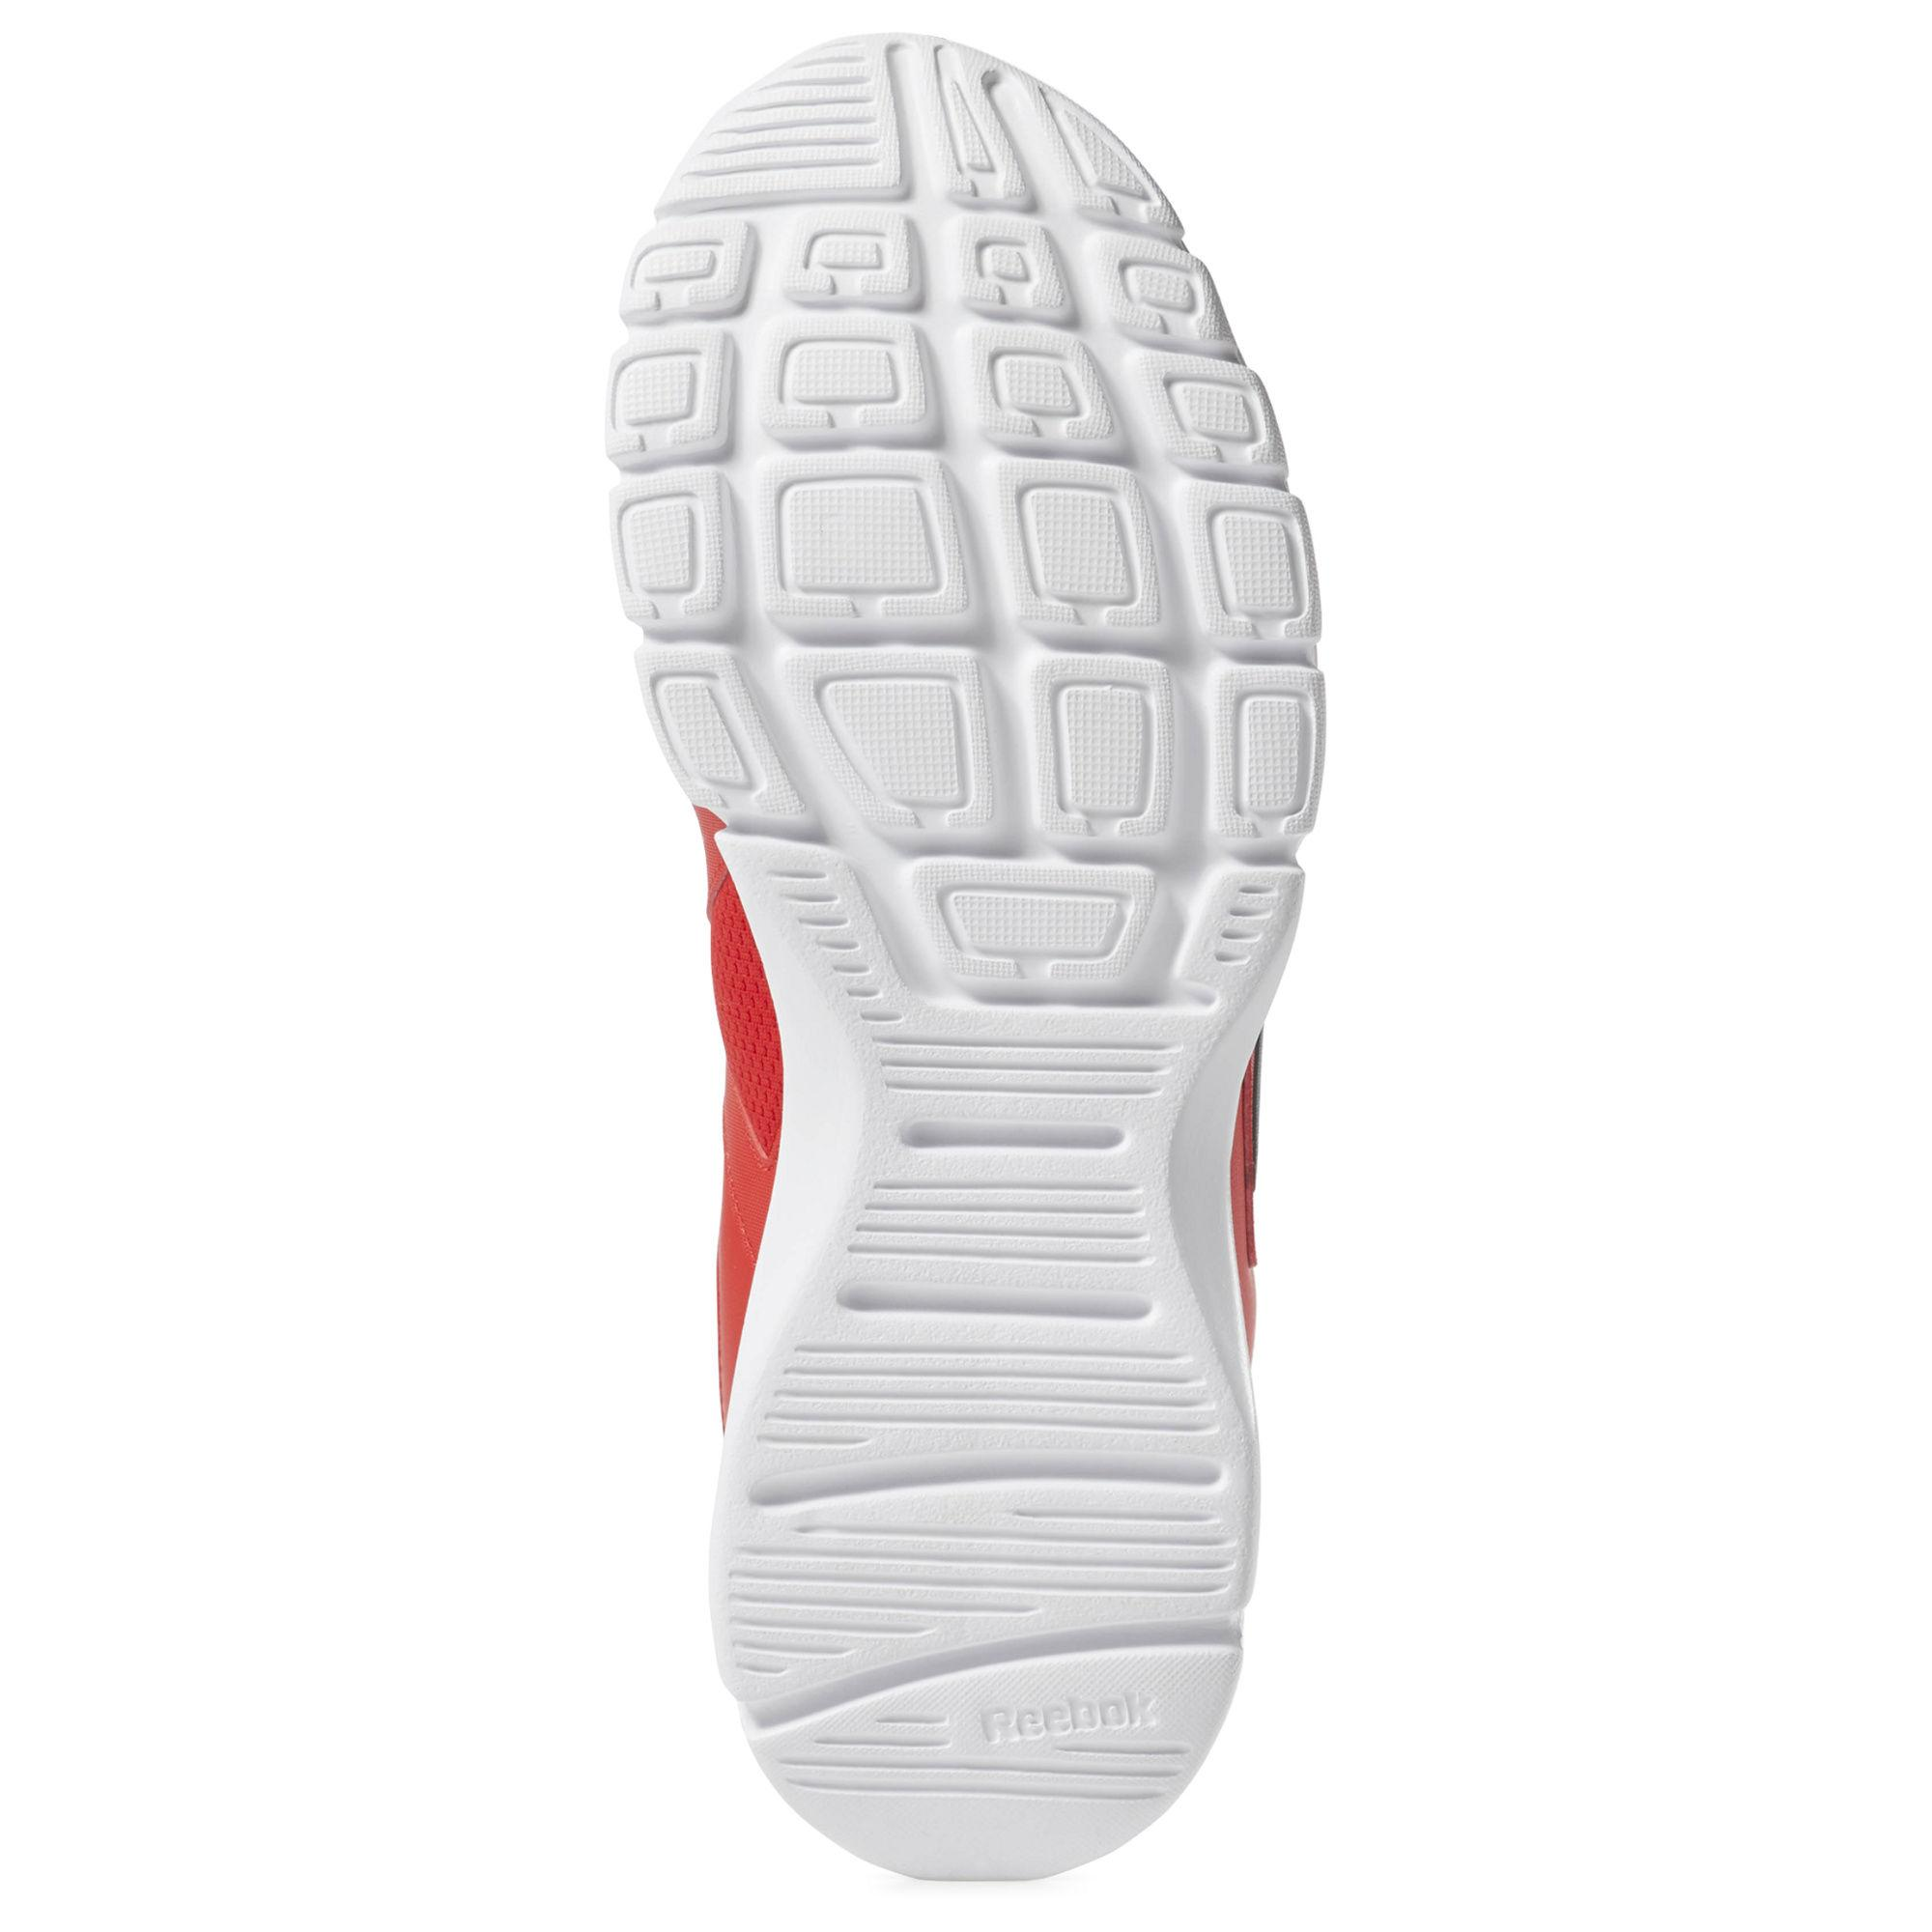 Reebok Fitnessschuhe Fitnessschuhe Fitnessschuhe Herren Primal rot schwarz Weiß Cold grau im Online Shop von SportScheck kaufen Gute Qualität beliebte Schuhe 624d99